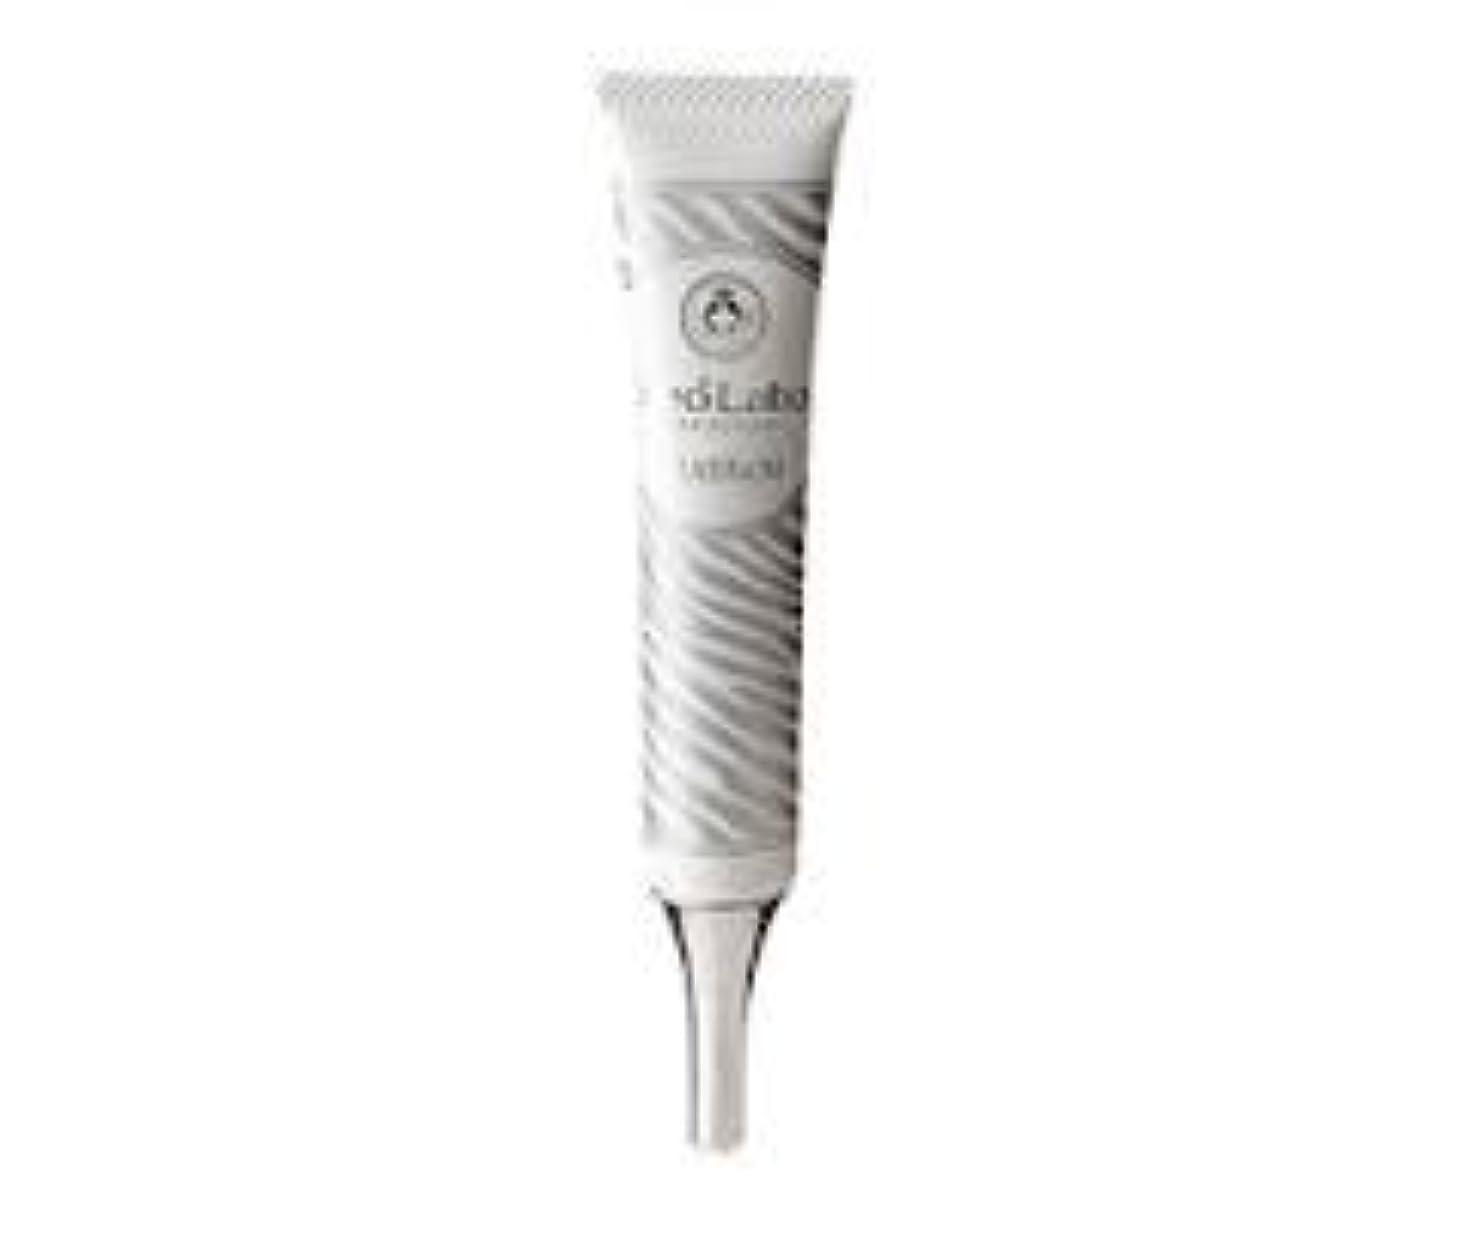 最小化するフルートセッティングデオプラスラボ プラチナム 薬用デオドランドクリーム 30g